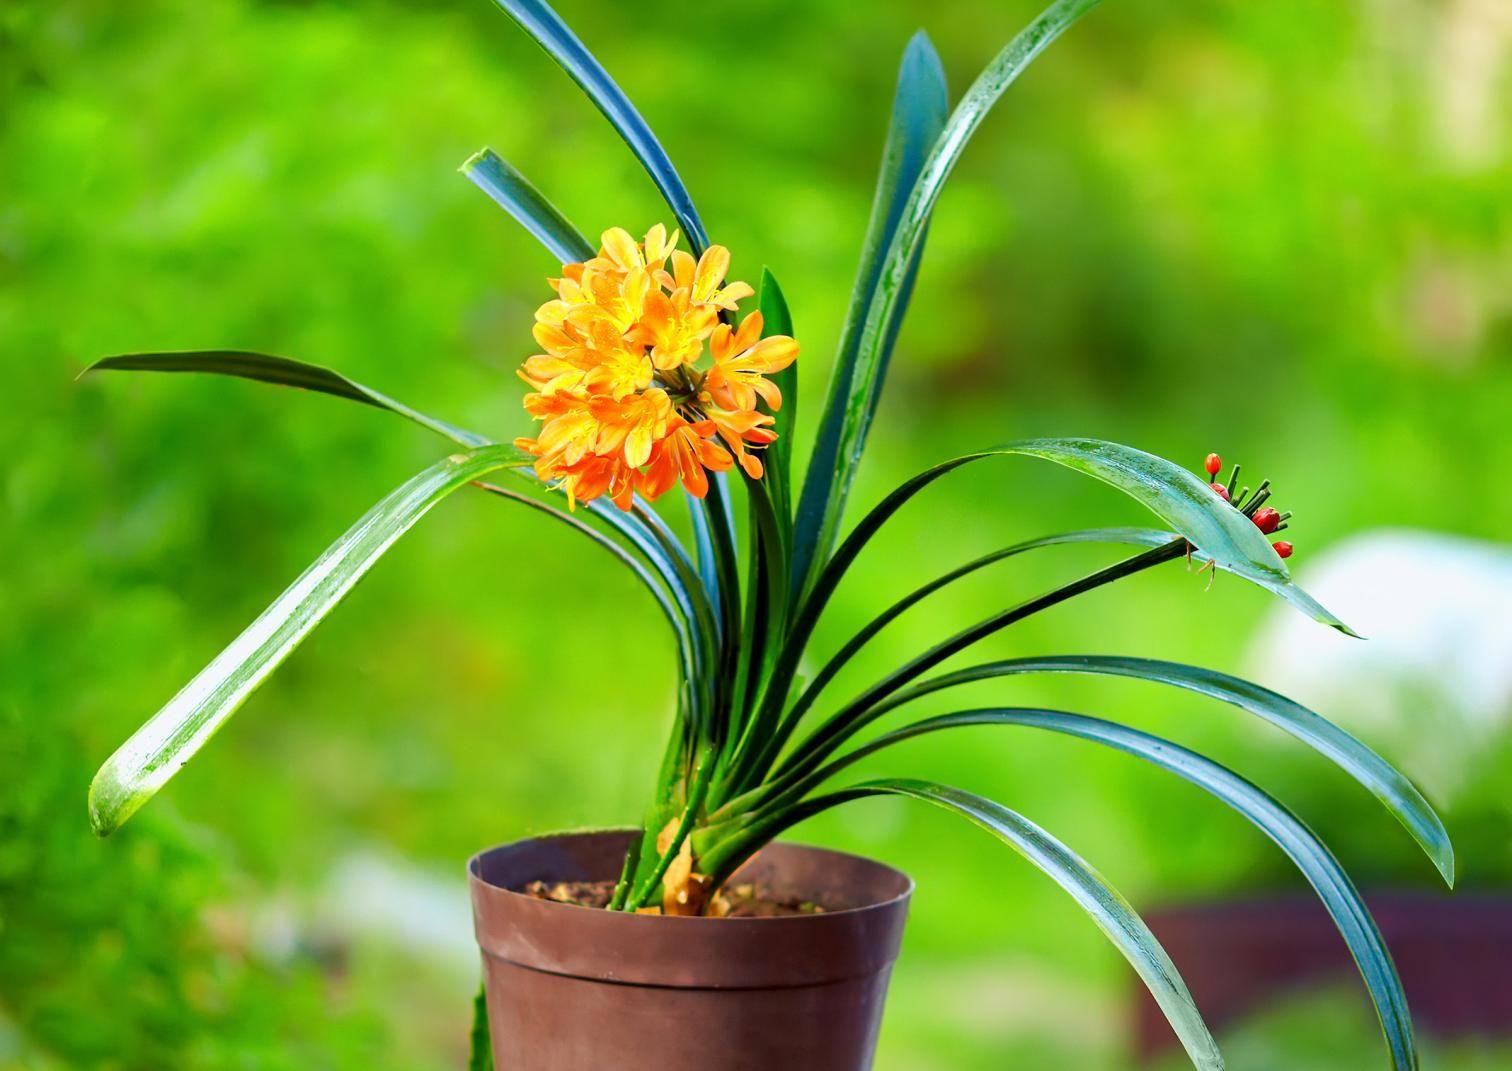 Kliivian hoidossa on muutama niksi, joiden avulla sen saa viihtymään ja kukkimaan. Lue Viherpihasta!